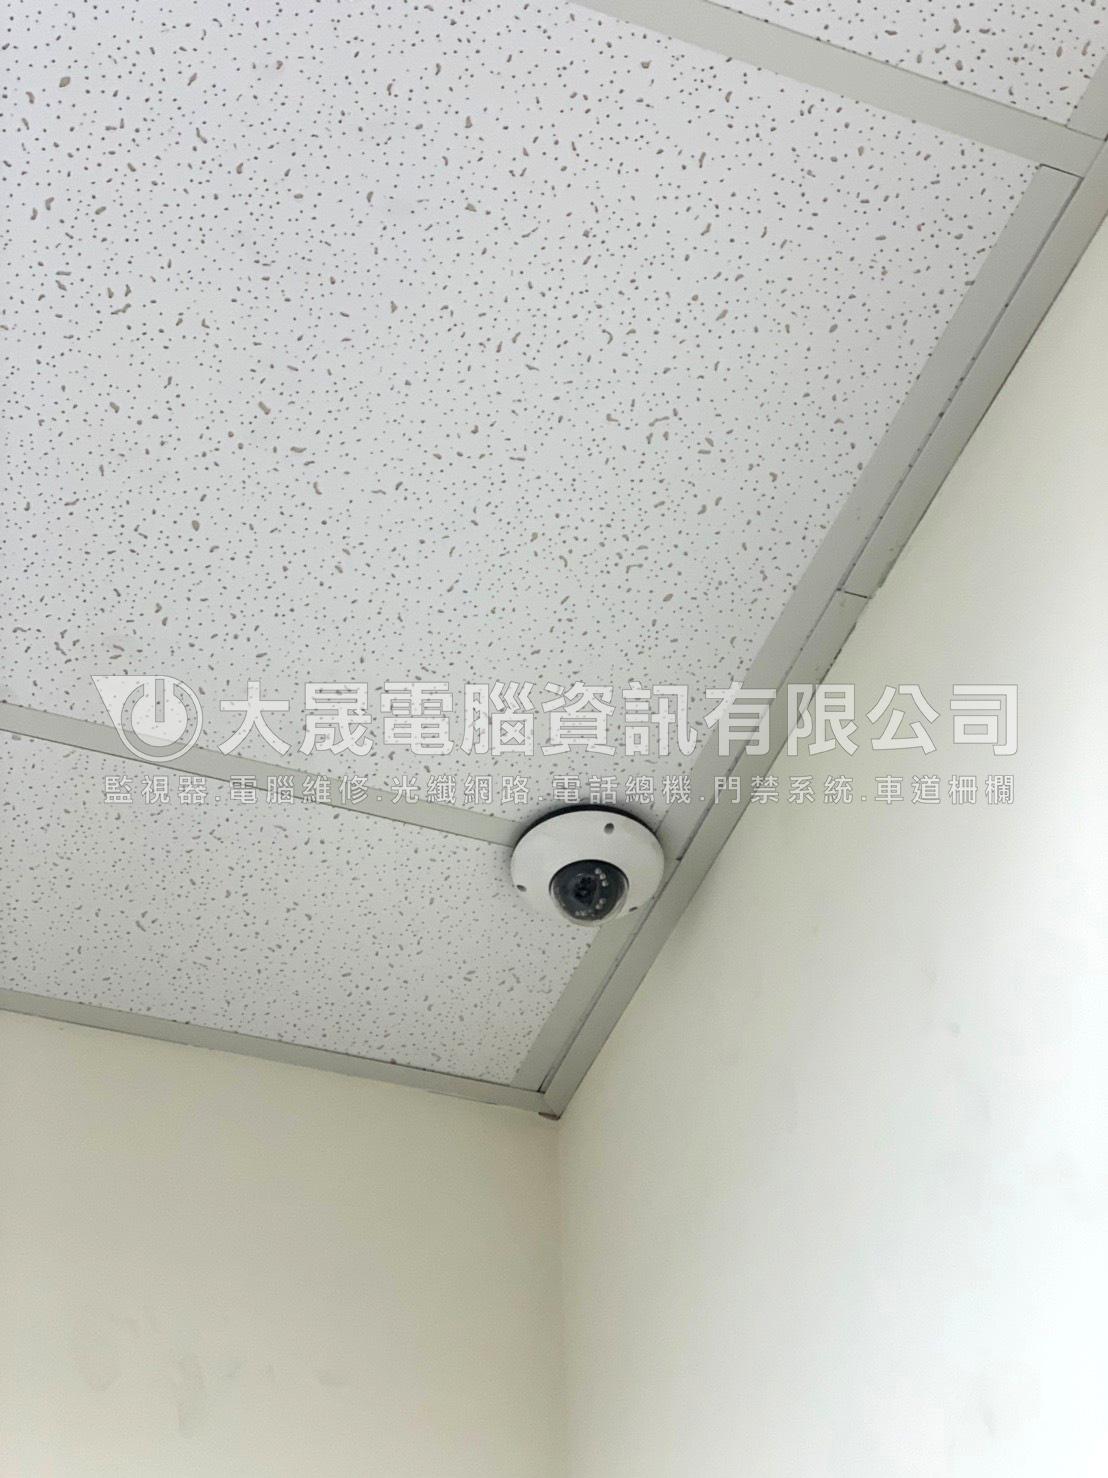 監視器、托嬰中心、辦公室監視攝影機